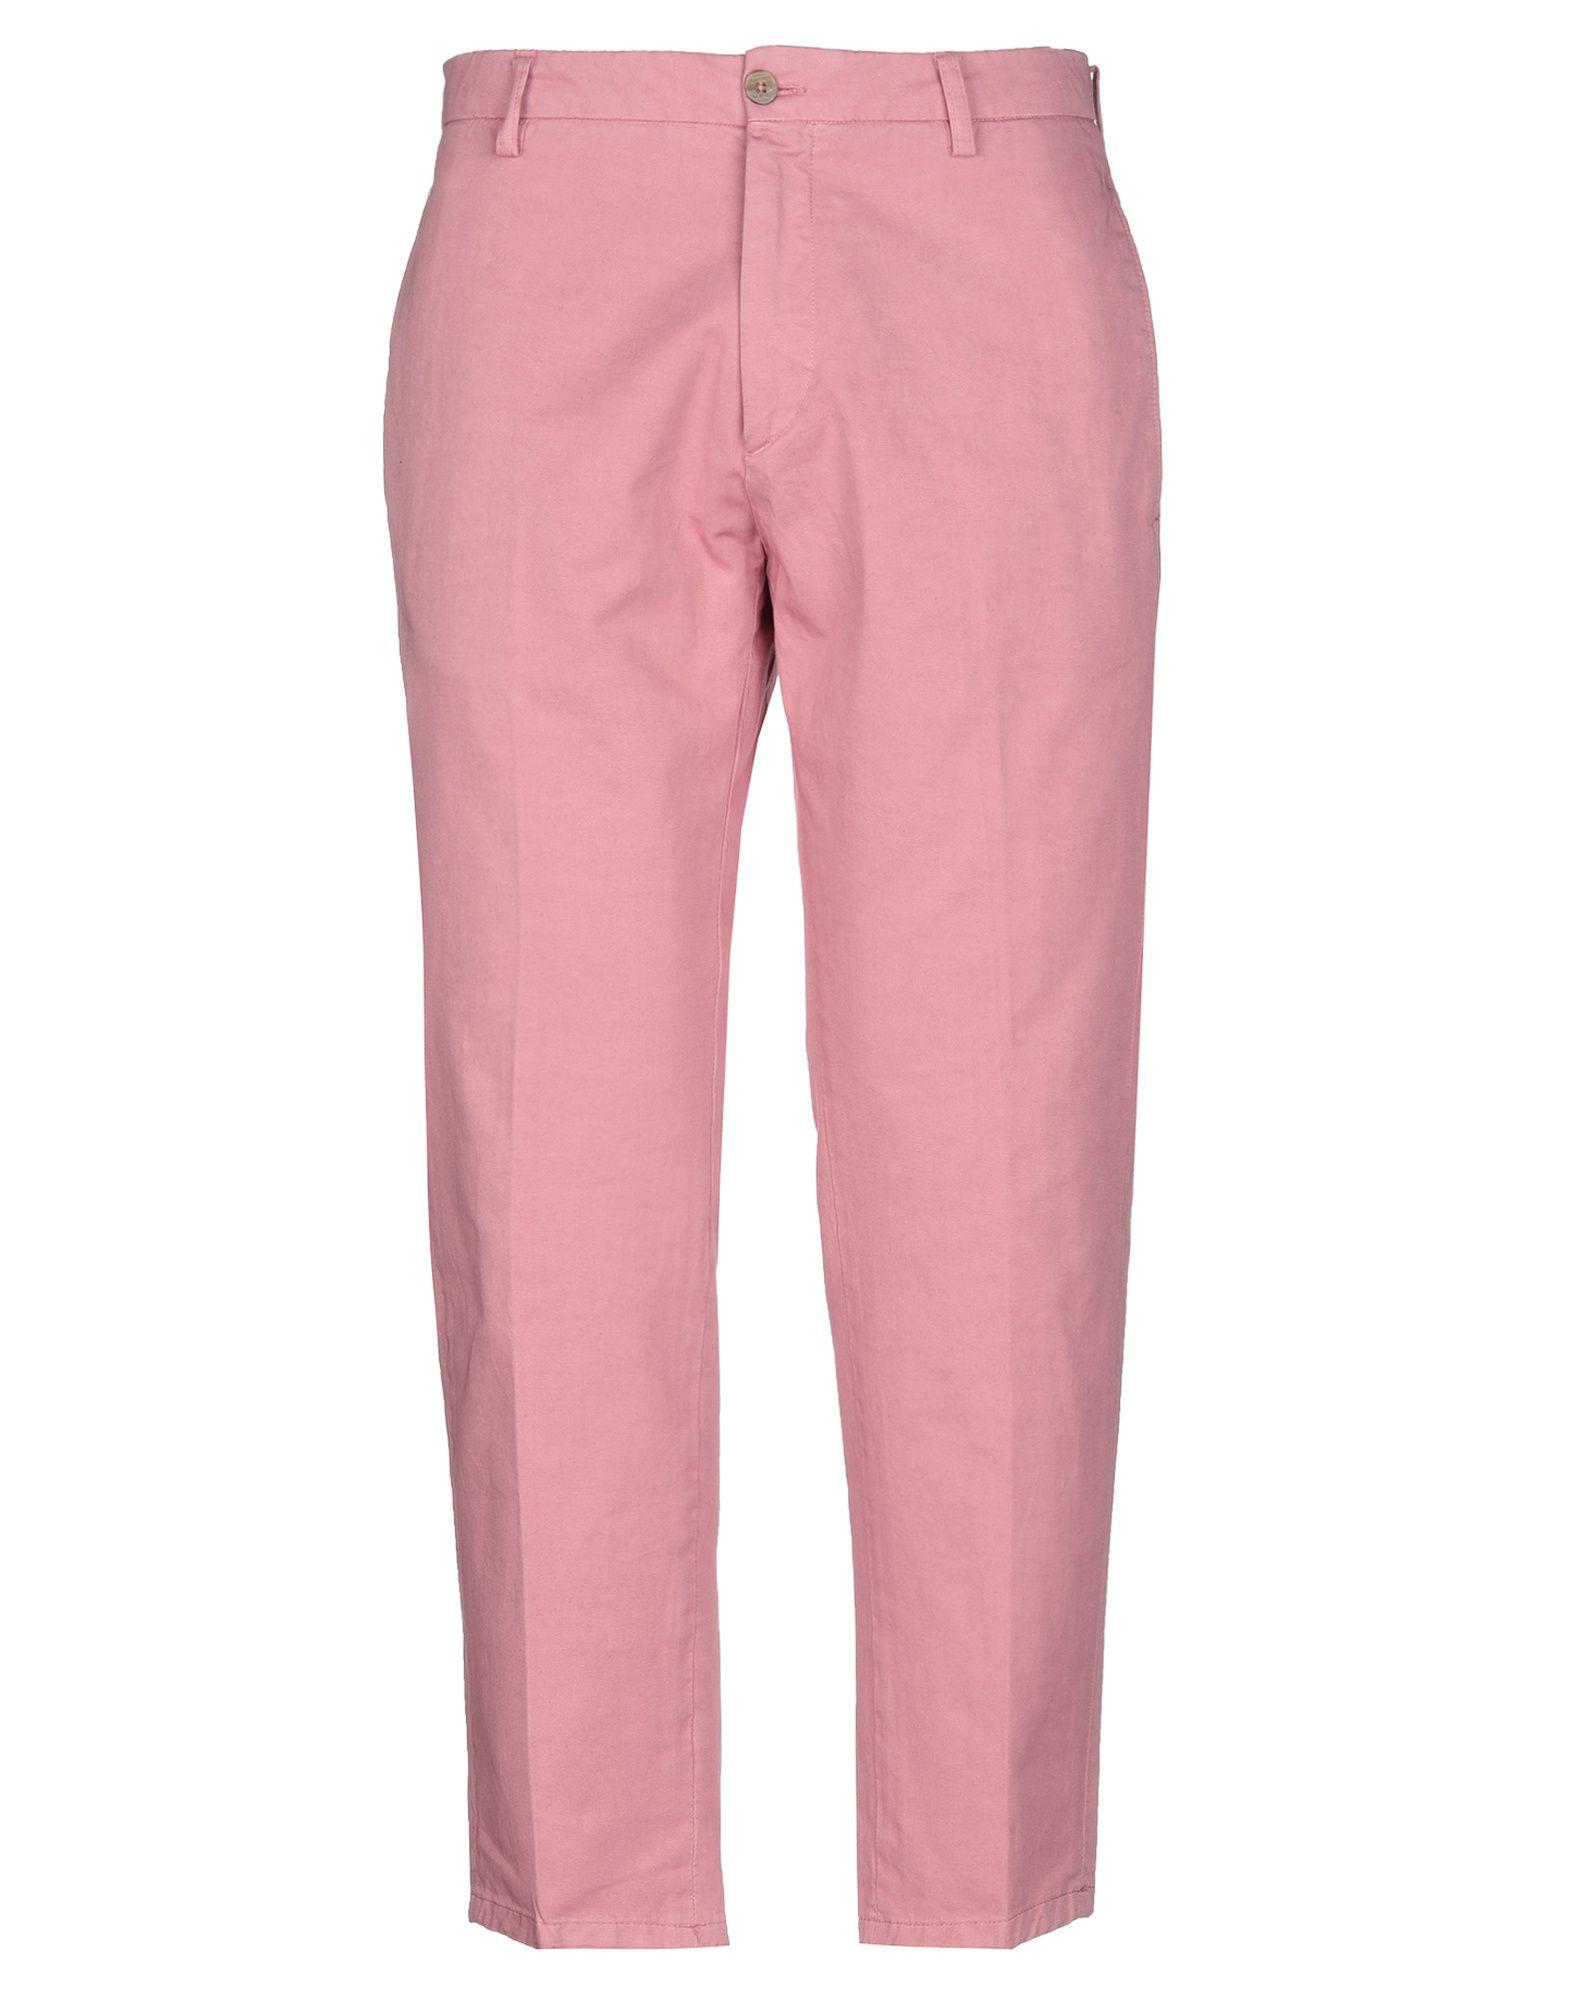 《セール開催中》BE ABLE メンズ パンツ ピンク 30 コットン 100%